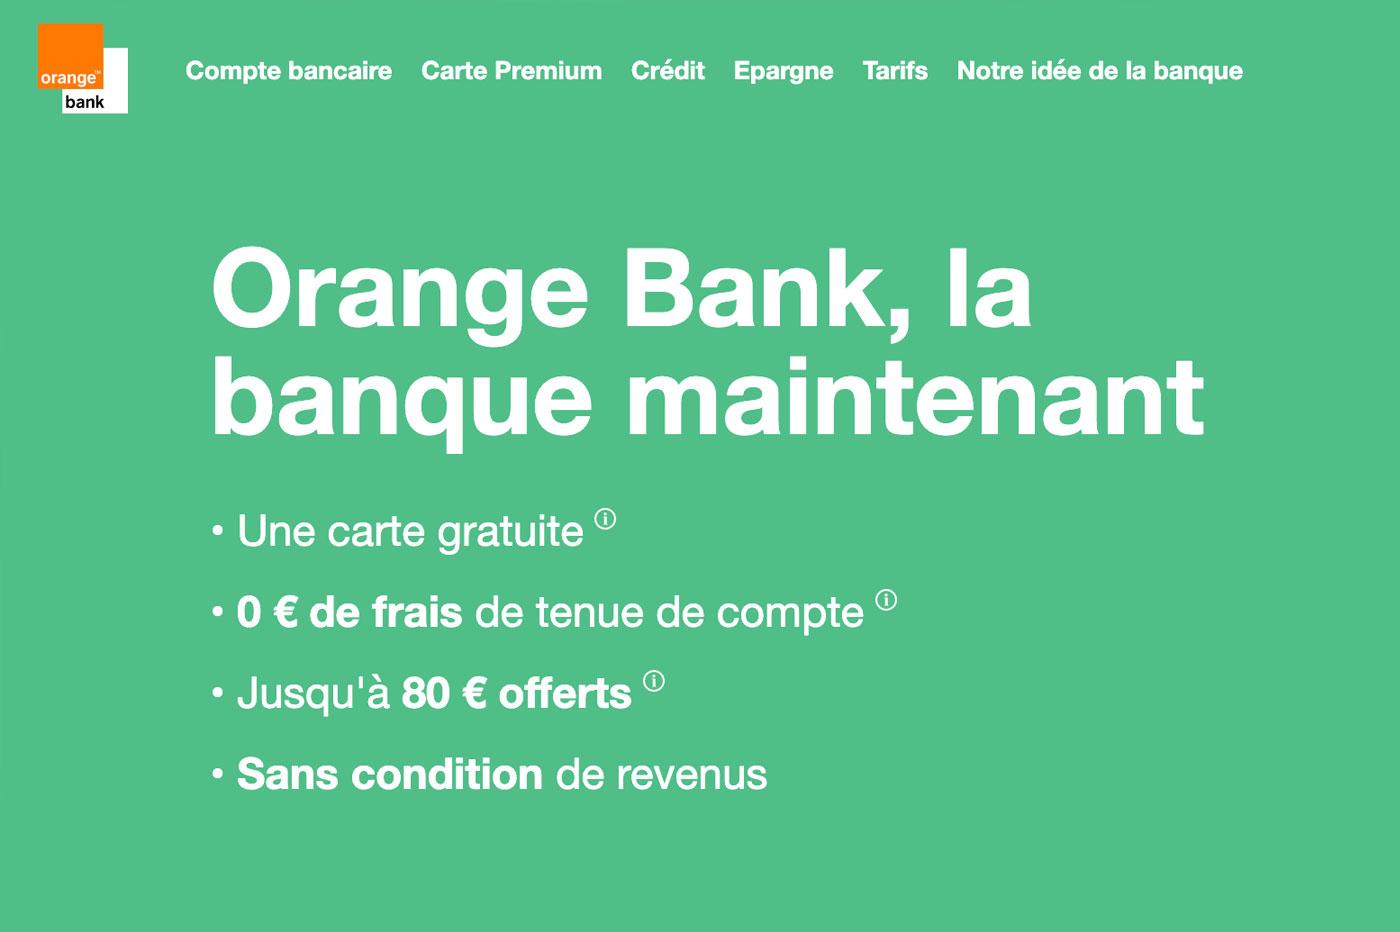 Orange Bank gratuite